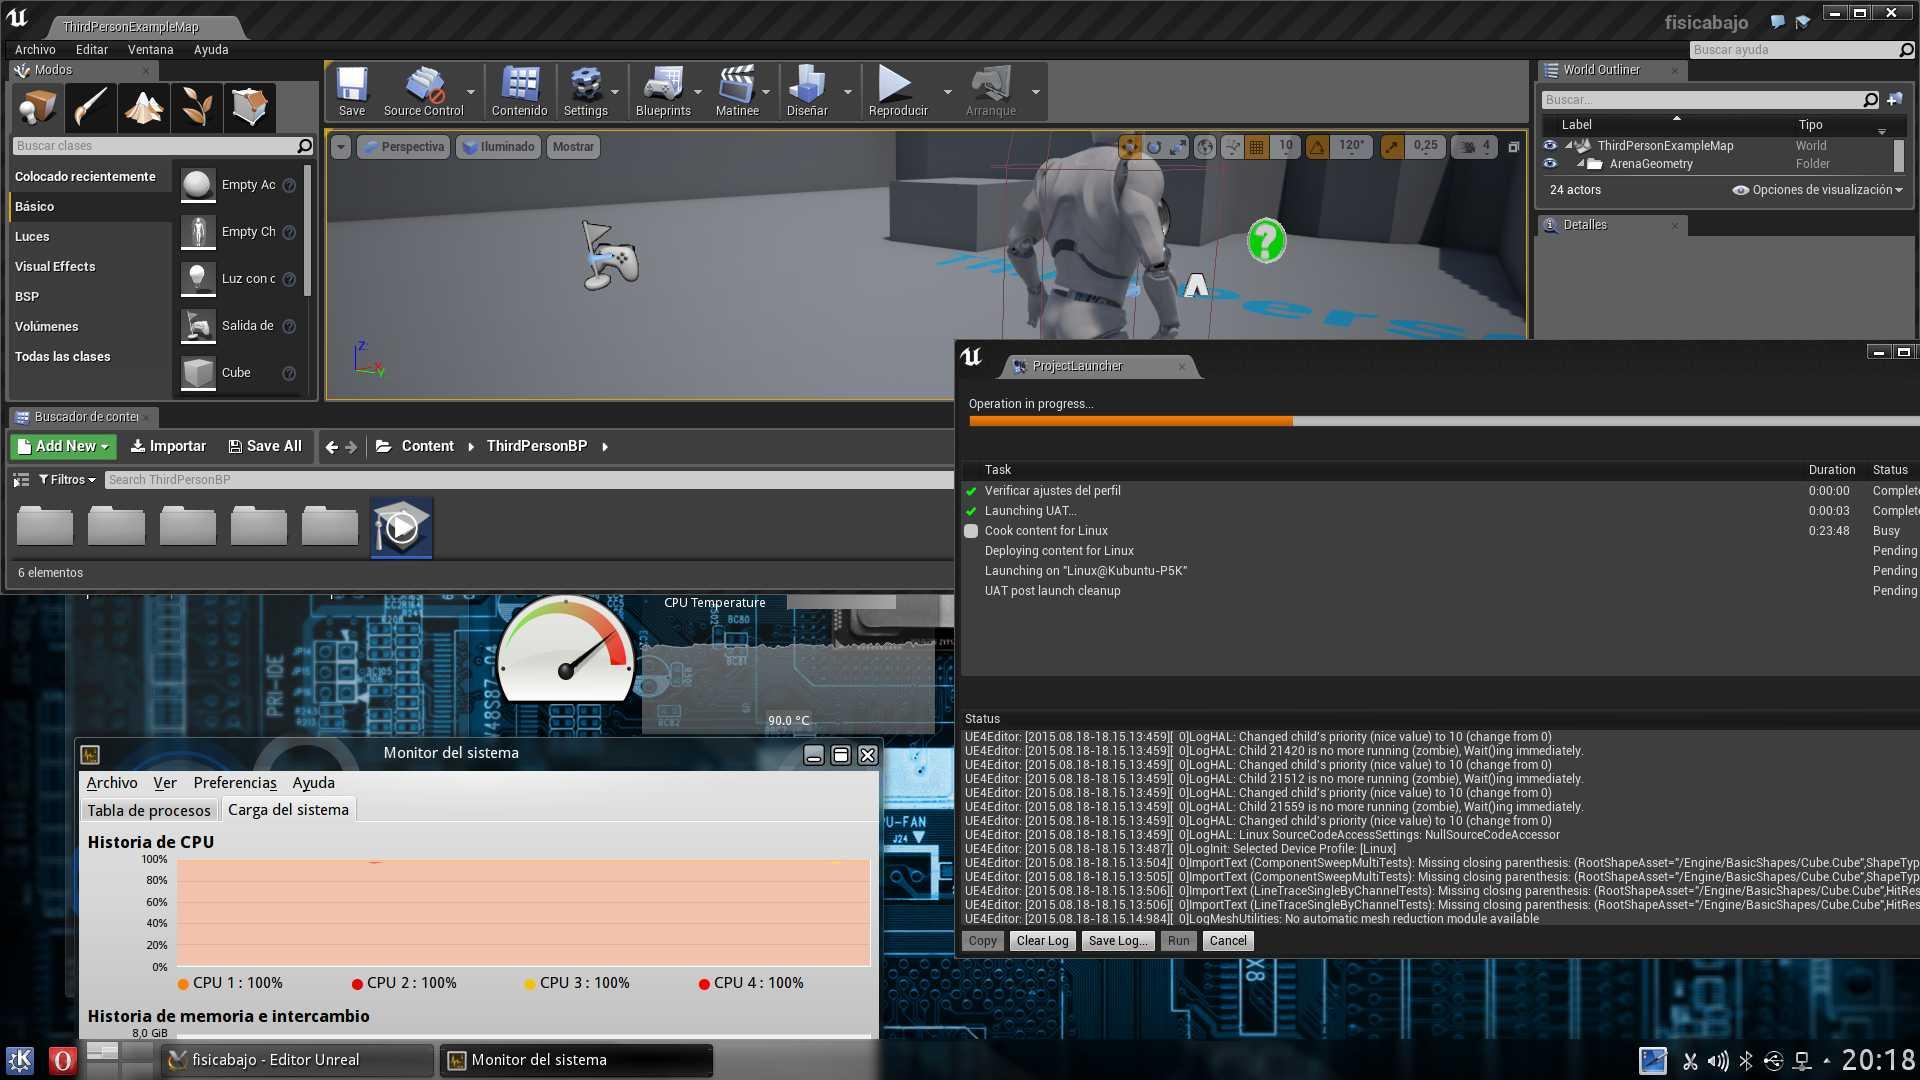 Mi CPU Intel Core 2 Quad mientras publica un juego con Unreal Engine